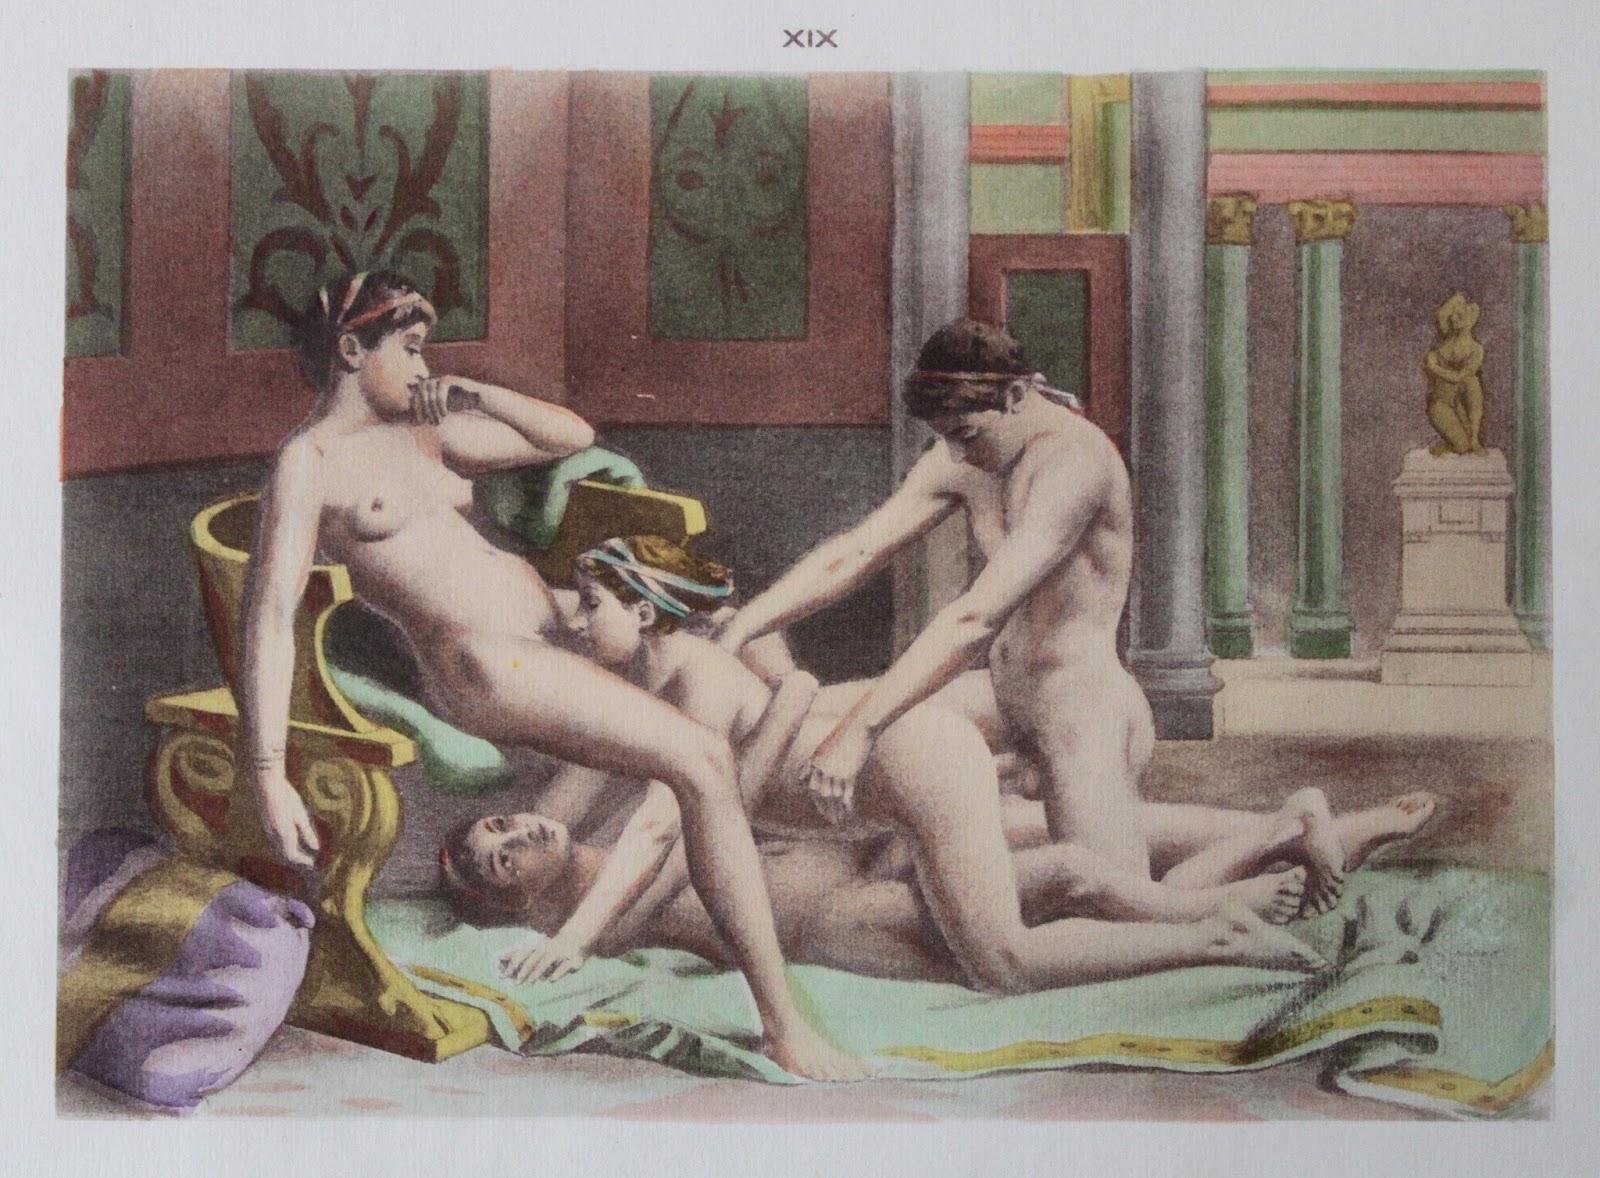 Геи в 19 веке подевалась утонченная